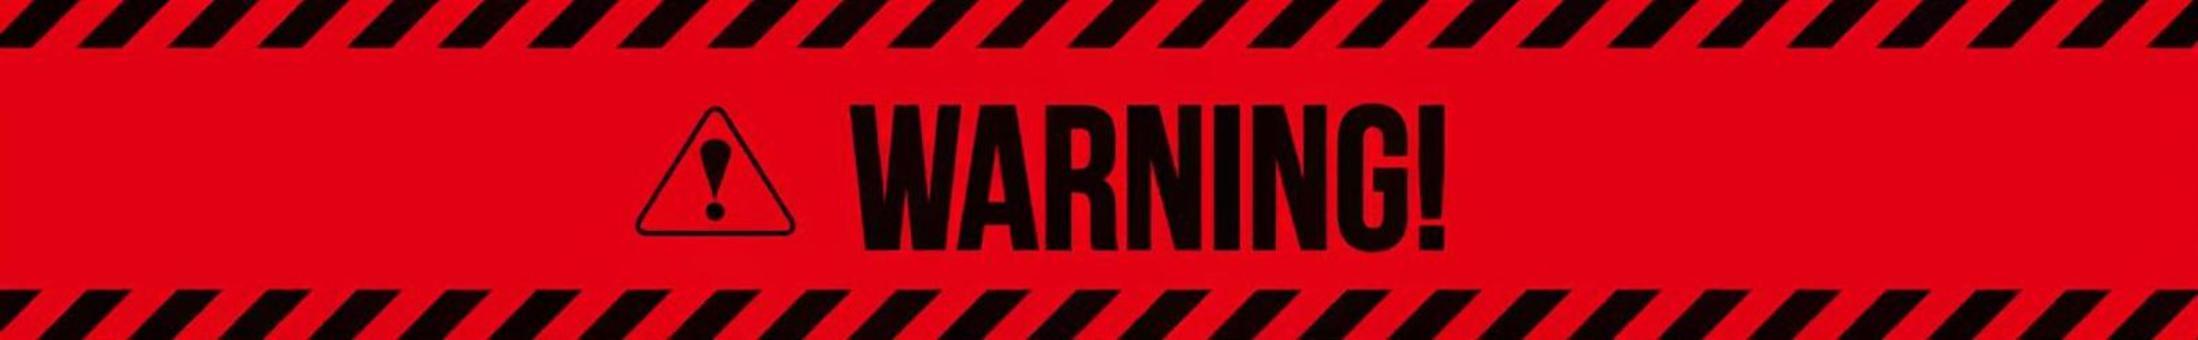 警告注意·警告圖標橫幅